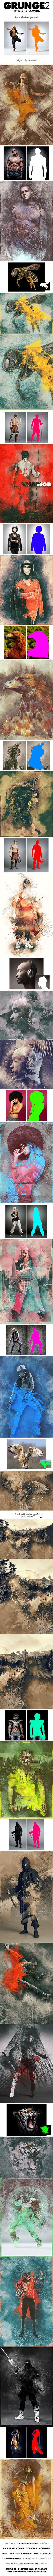 Grunge 2 Photoshop Action #photoeffect Download: http://graphicriver.net/item/grunge-2-photoshop-action/13630482?ref=ksioks